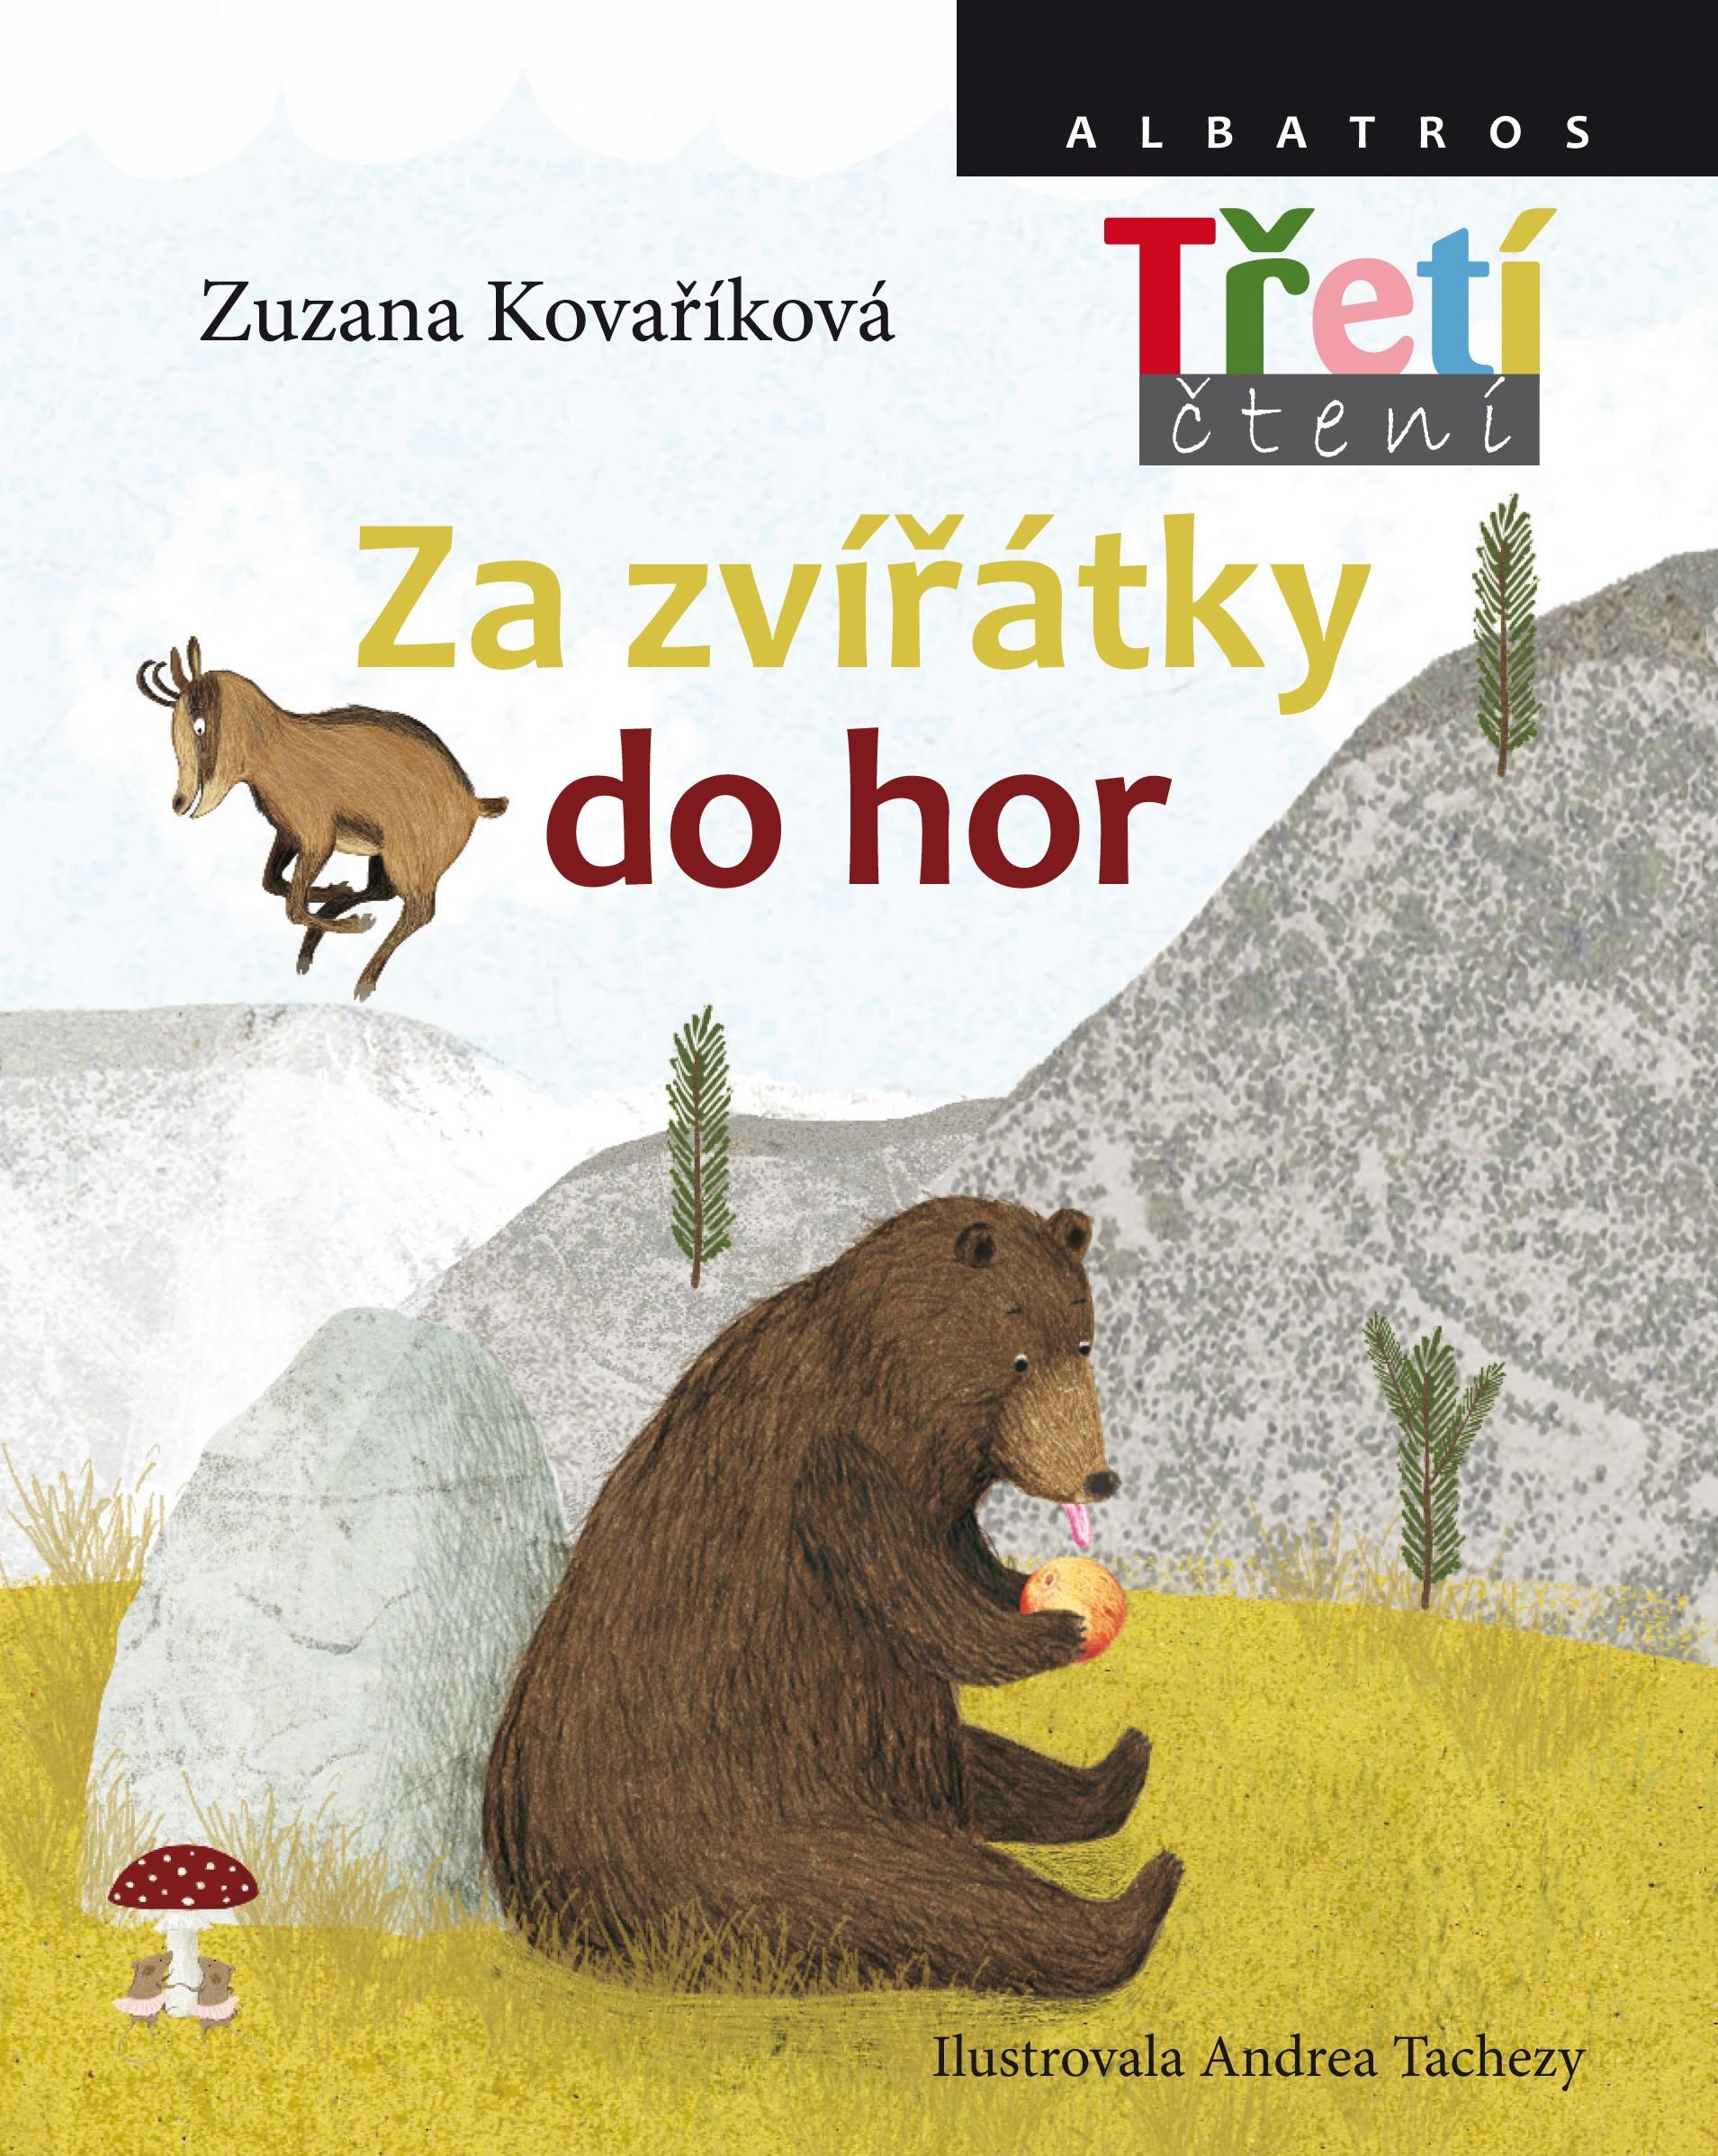 Za zvířátky do hor   Andrea Tachezy, Zuzana Kovaříková